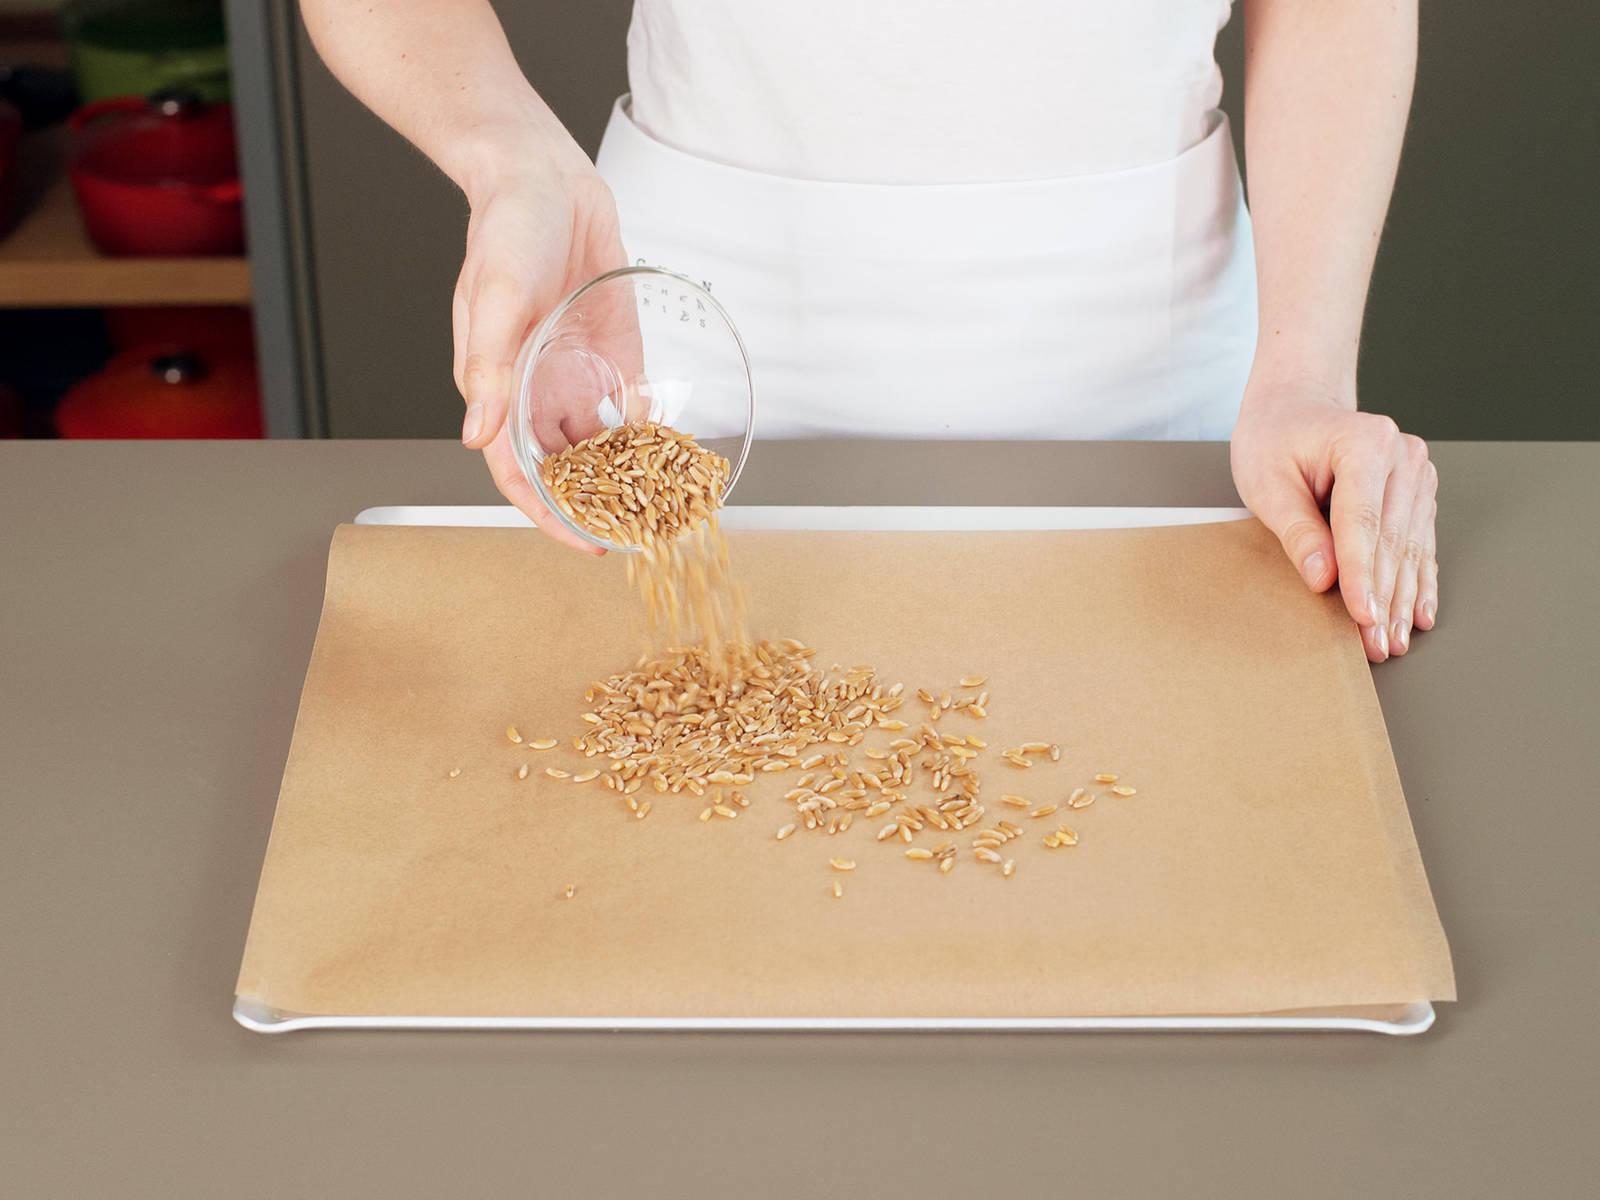 Einkorn auf einem mit Backpapier ausgelegtem Backblech verteilen und im vorgeheizten Backofen bei 150°C ca. 8 – 10 Min. backen. Aus dem Backofen nehmen und beiseitestellen. Teil des Zucker in kleinem Topf bei mittlerer Hitze karamellisieren. Einkorn, Quinoa und Taco-Gewürz hinzugeben und umrühren, bis alles gut vermischt ist.